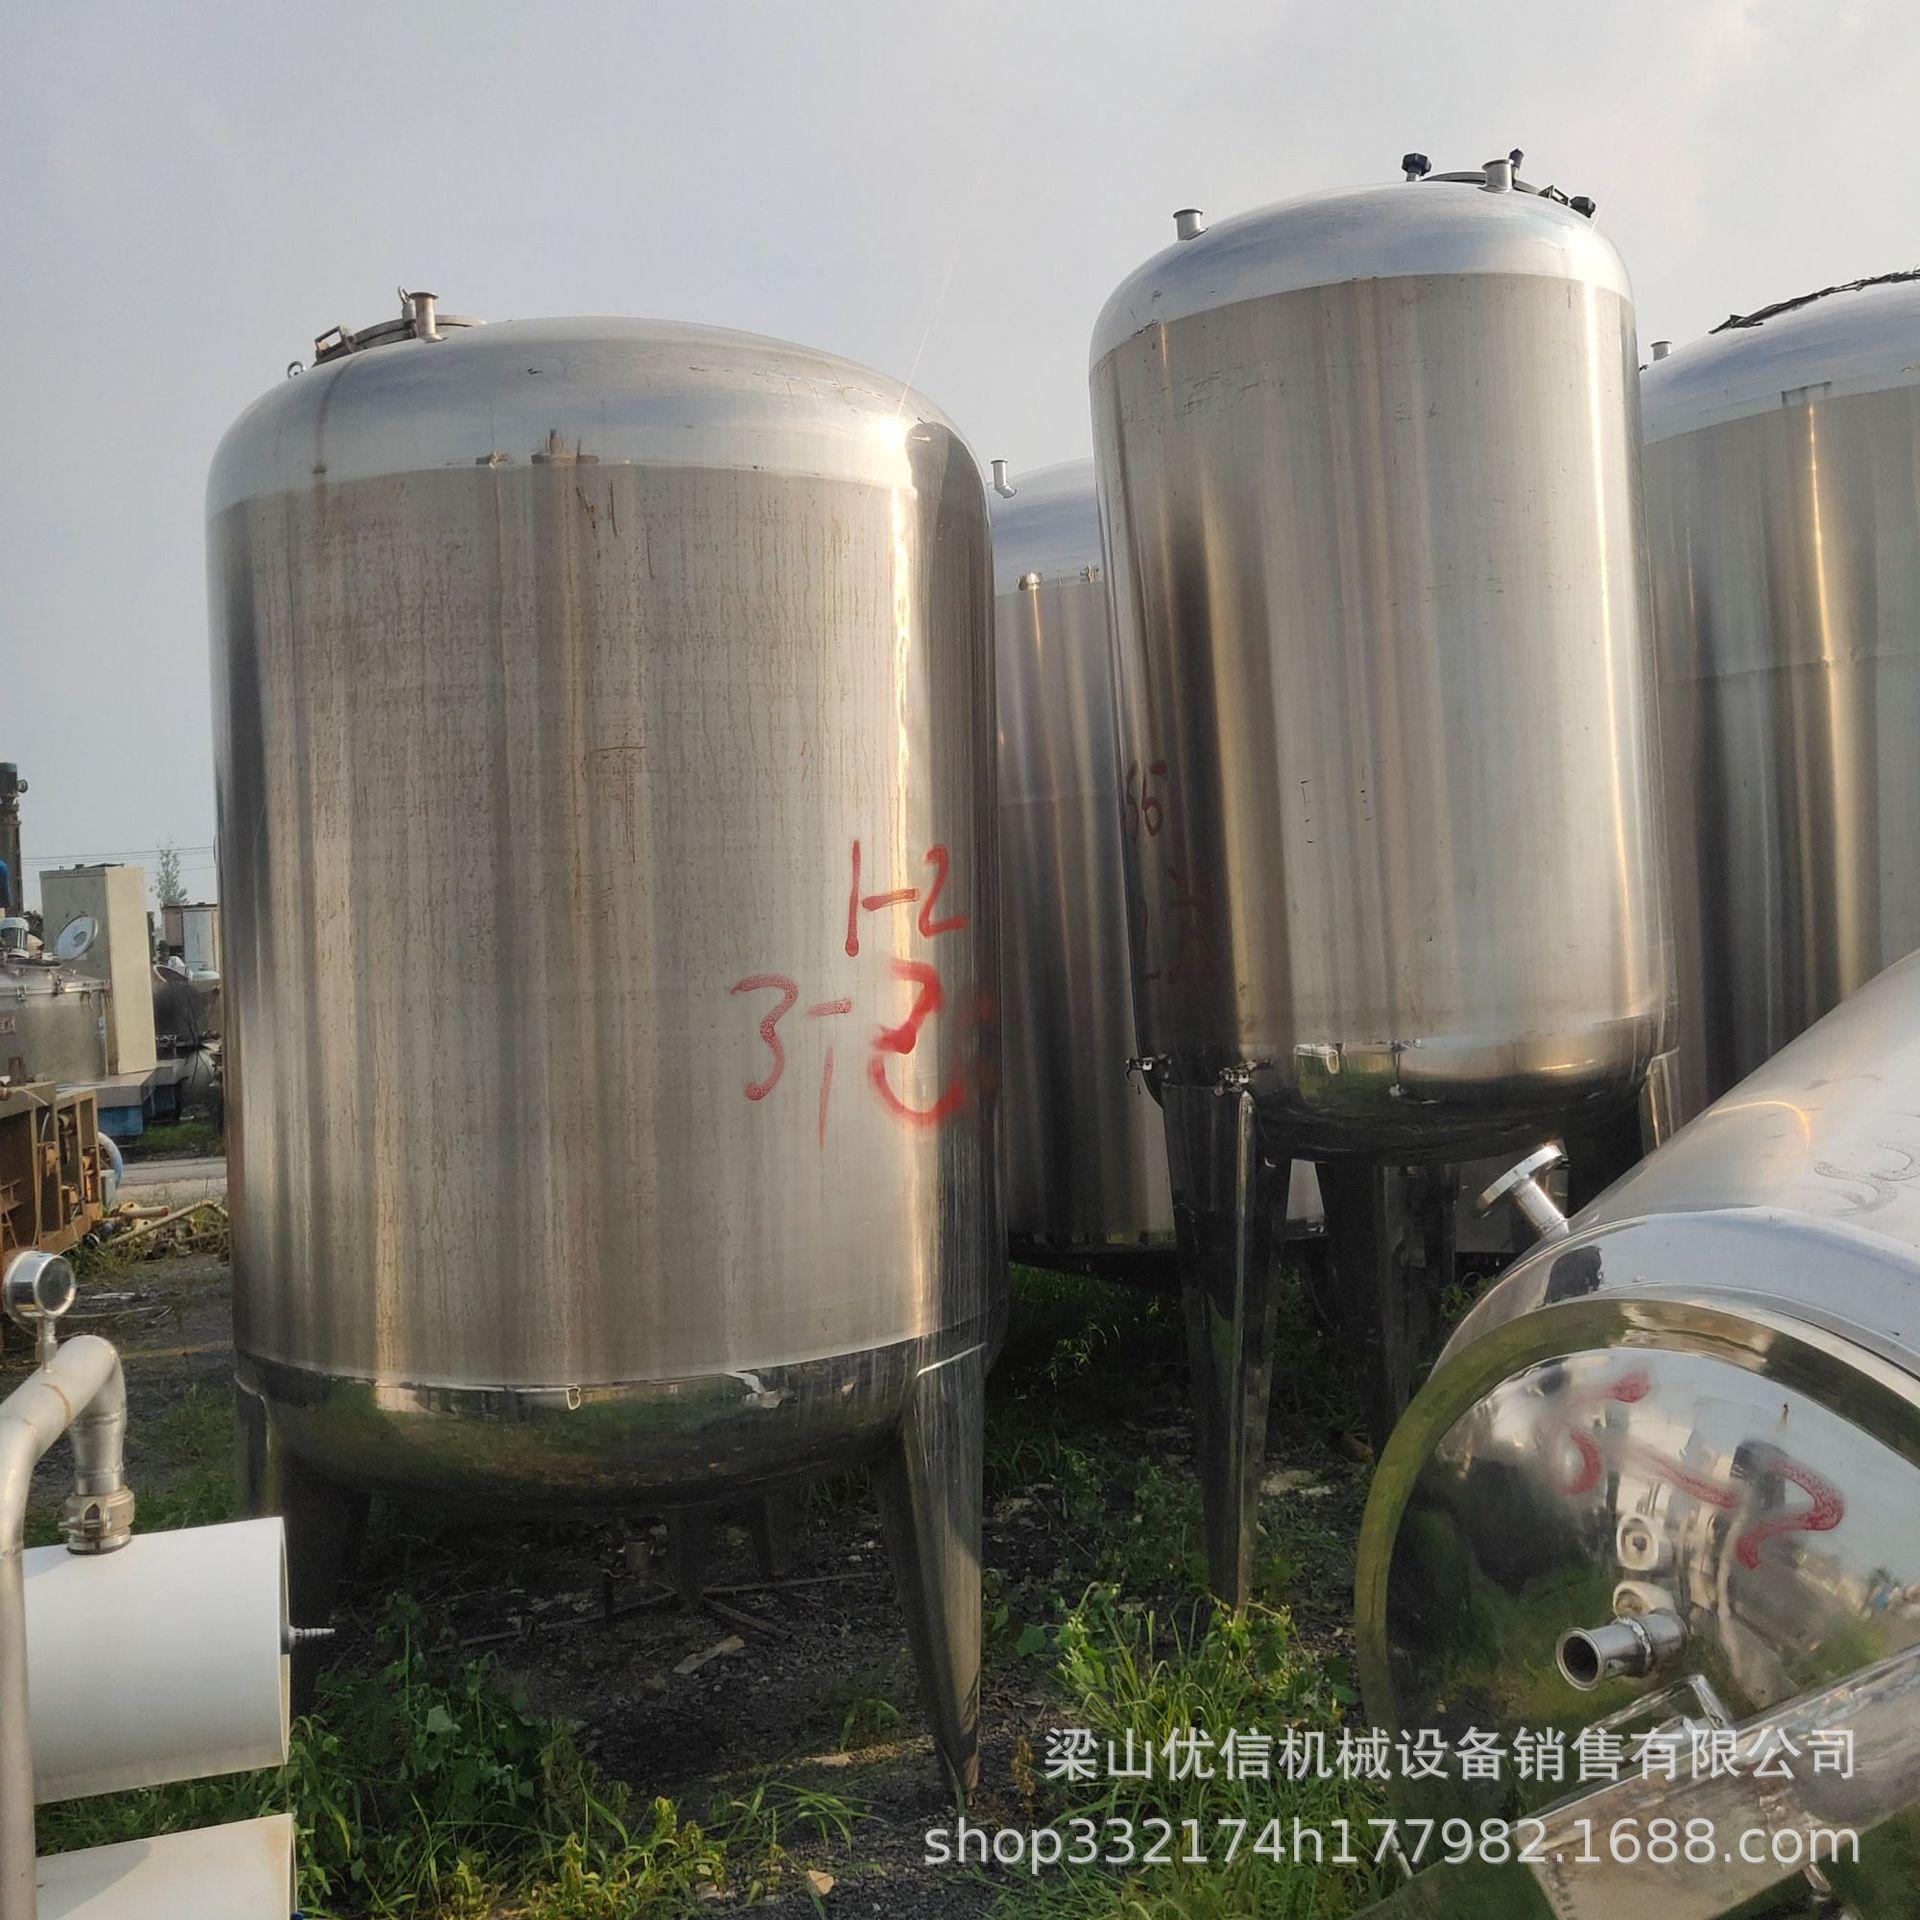 二手卫生级不锈钢储罐 普通不锈钢储罐便宜处理